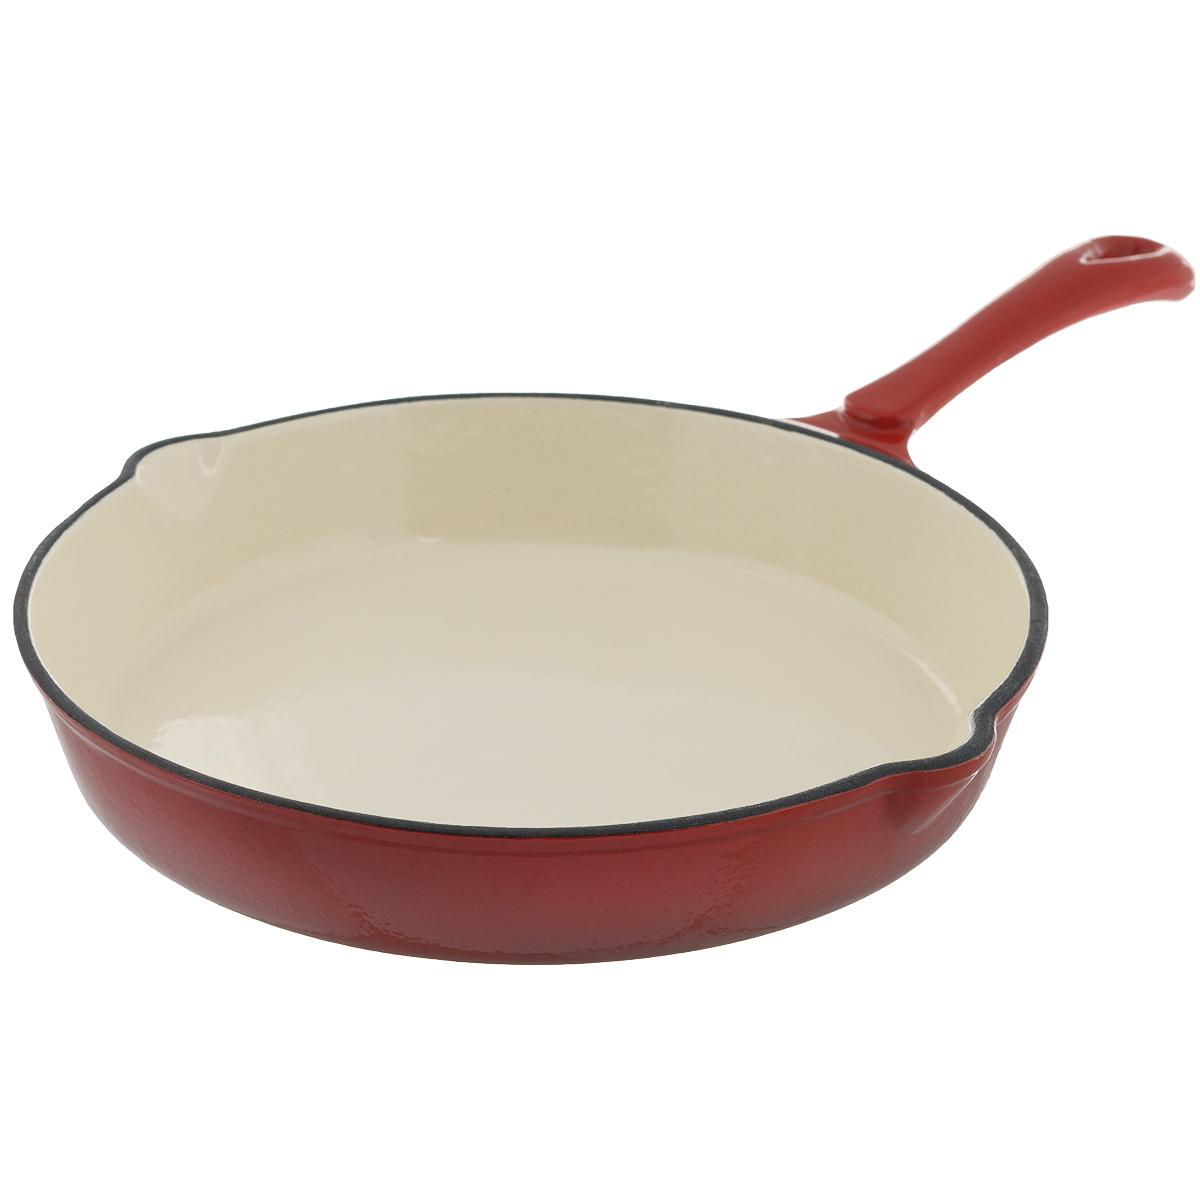 Сковорода чугунная Mayer & Boch, цвет: красный. Диаметр 25,5 см. 2205122051Сковорода Mayer & Boch выполнена из высококачественного эмалированного чугуна. Чугун - один из лучших материалов, который равномерно распределяет тепло и удерживает его. Он устойчив к механическим повреждениям и невероятно прочен. Эмаль защищает чугун от коррозии и появления ржавчины, не впитывает запахи, облегчает уход за посудой. Посуда из эмалированного чугуна идеальна для запекания, жарки, тушения, варки, томления, также может использоваться для маринования. Сковорода имеет и внутреннее, и внешнее эмалированное покрытие. Внешнее покрытие цветное, что придает посуде эстетичный внешний вид. Изделие оснащено двумя носиками для удобного слива жидкости. Длинная ручка обеспечивает безопасное использование. Сковорода подходит для использования на всех типах плит, включая индукционные. Можно использовать в духовке, а также мыть в посудомоечной машине. Высота стенки: 4 см.Толщина стенки: 4 мм.Толщина дна: 4 мм.Длина ручки: 17 см.